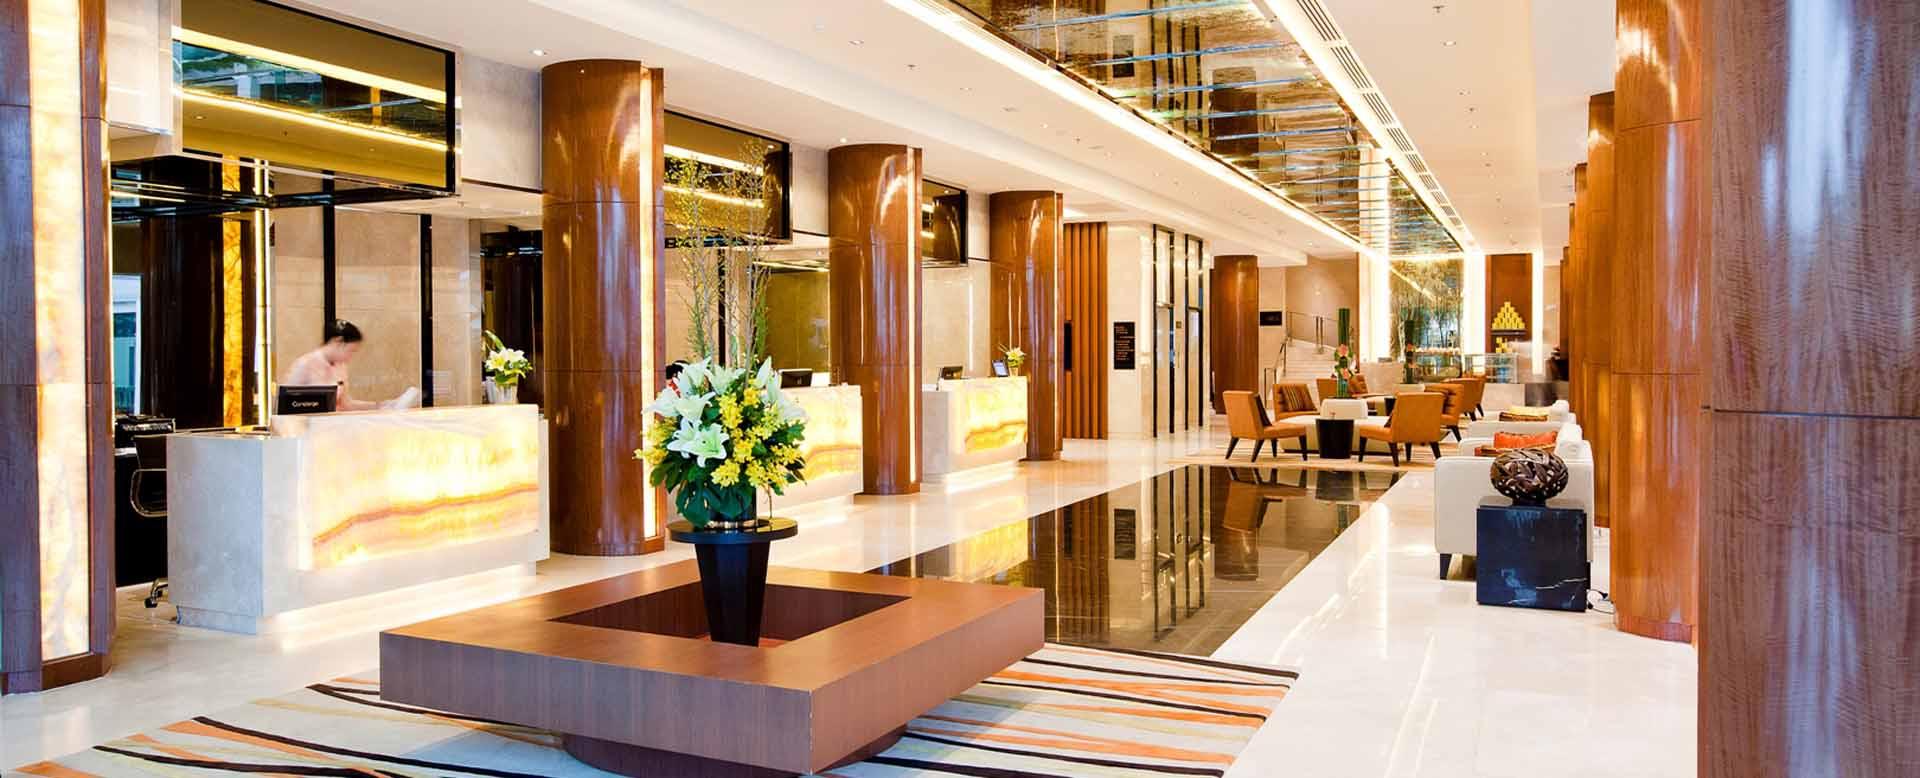 โรงแรมดุสิตธานี กระบี่ บีช รีสอร์ท (Royal Princess Larn Luang)